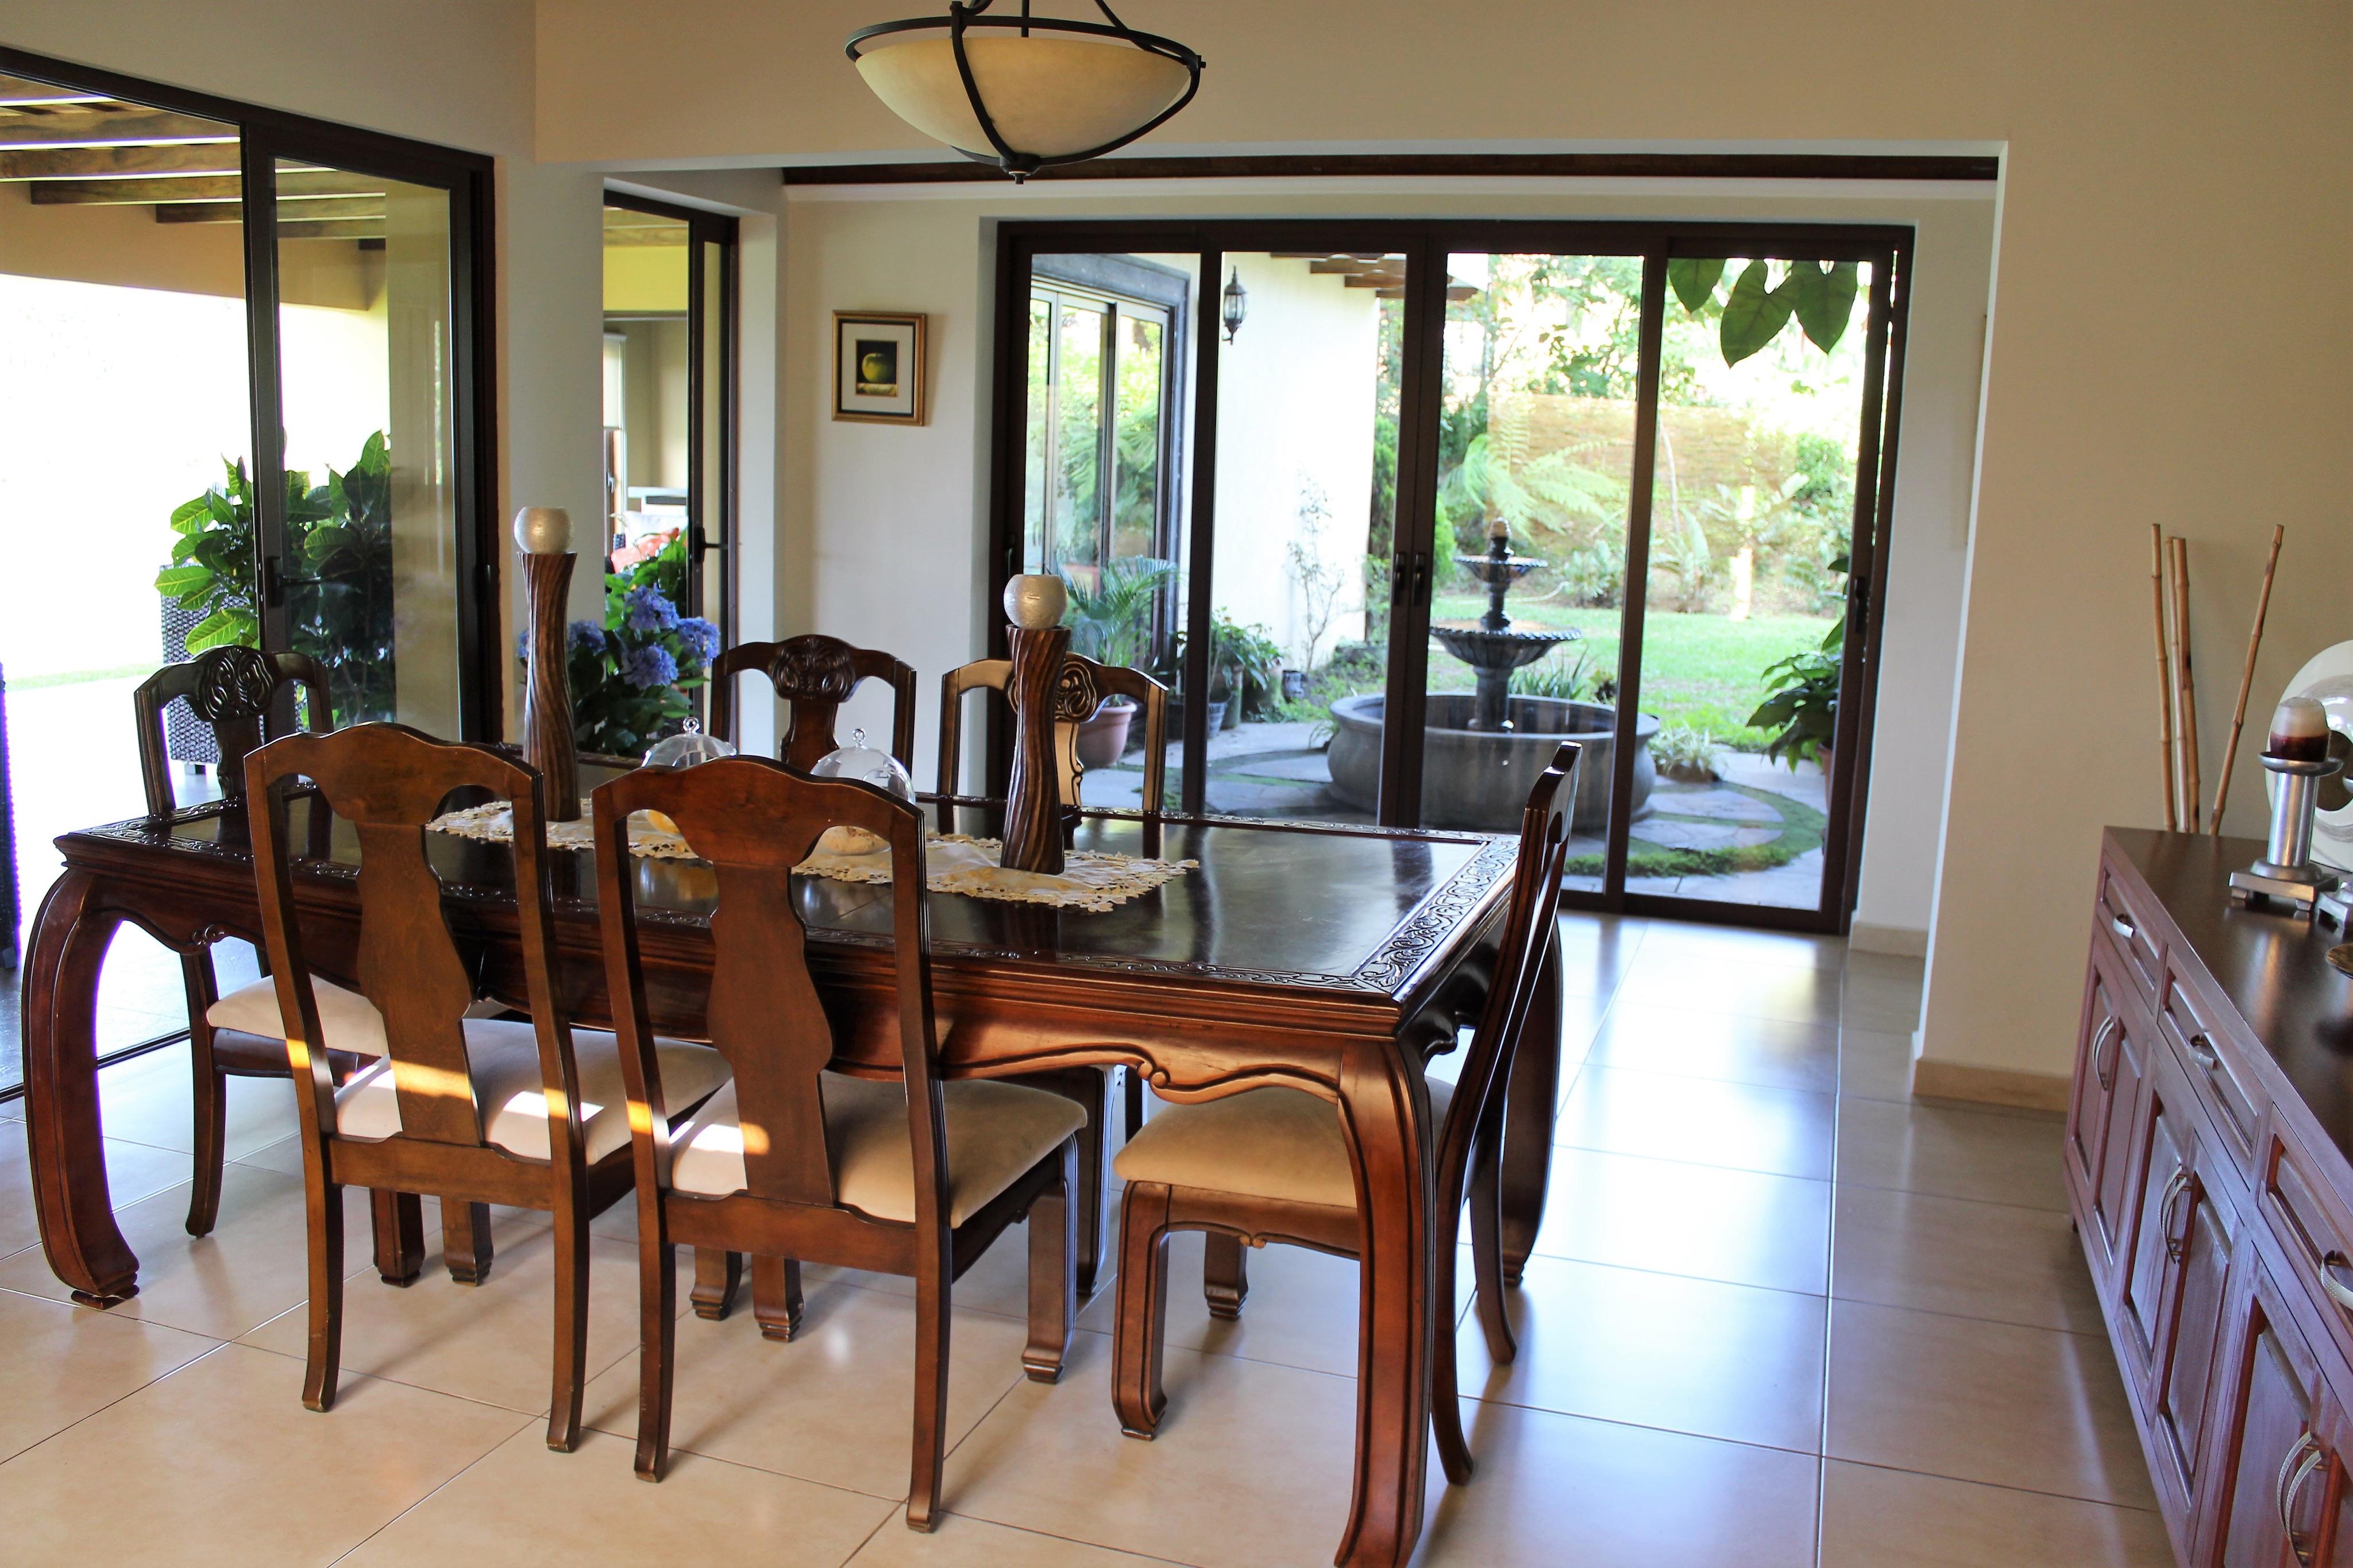 CPTCR0112 Casa en Venta Alturas de Tenerife  comedor 2